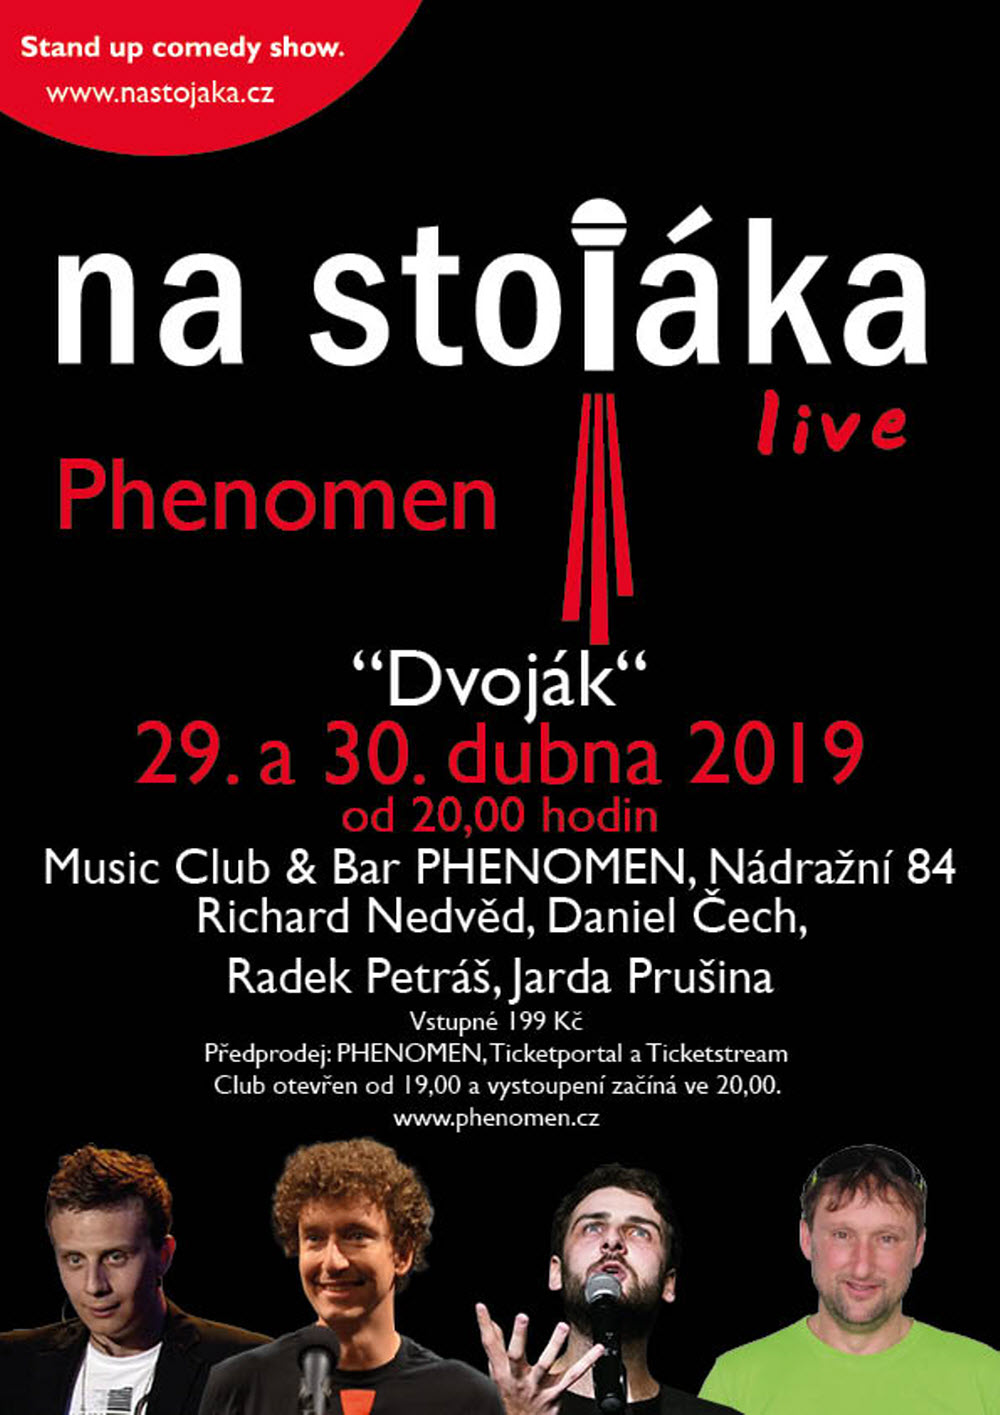 picture Na stojáka - live